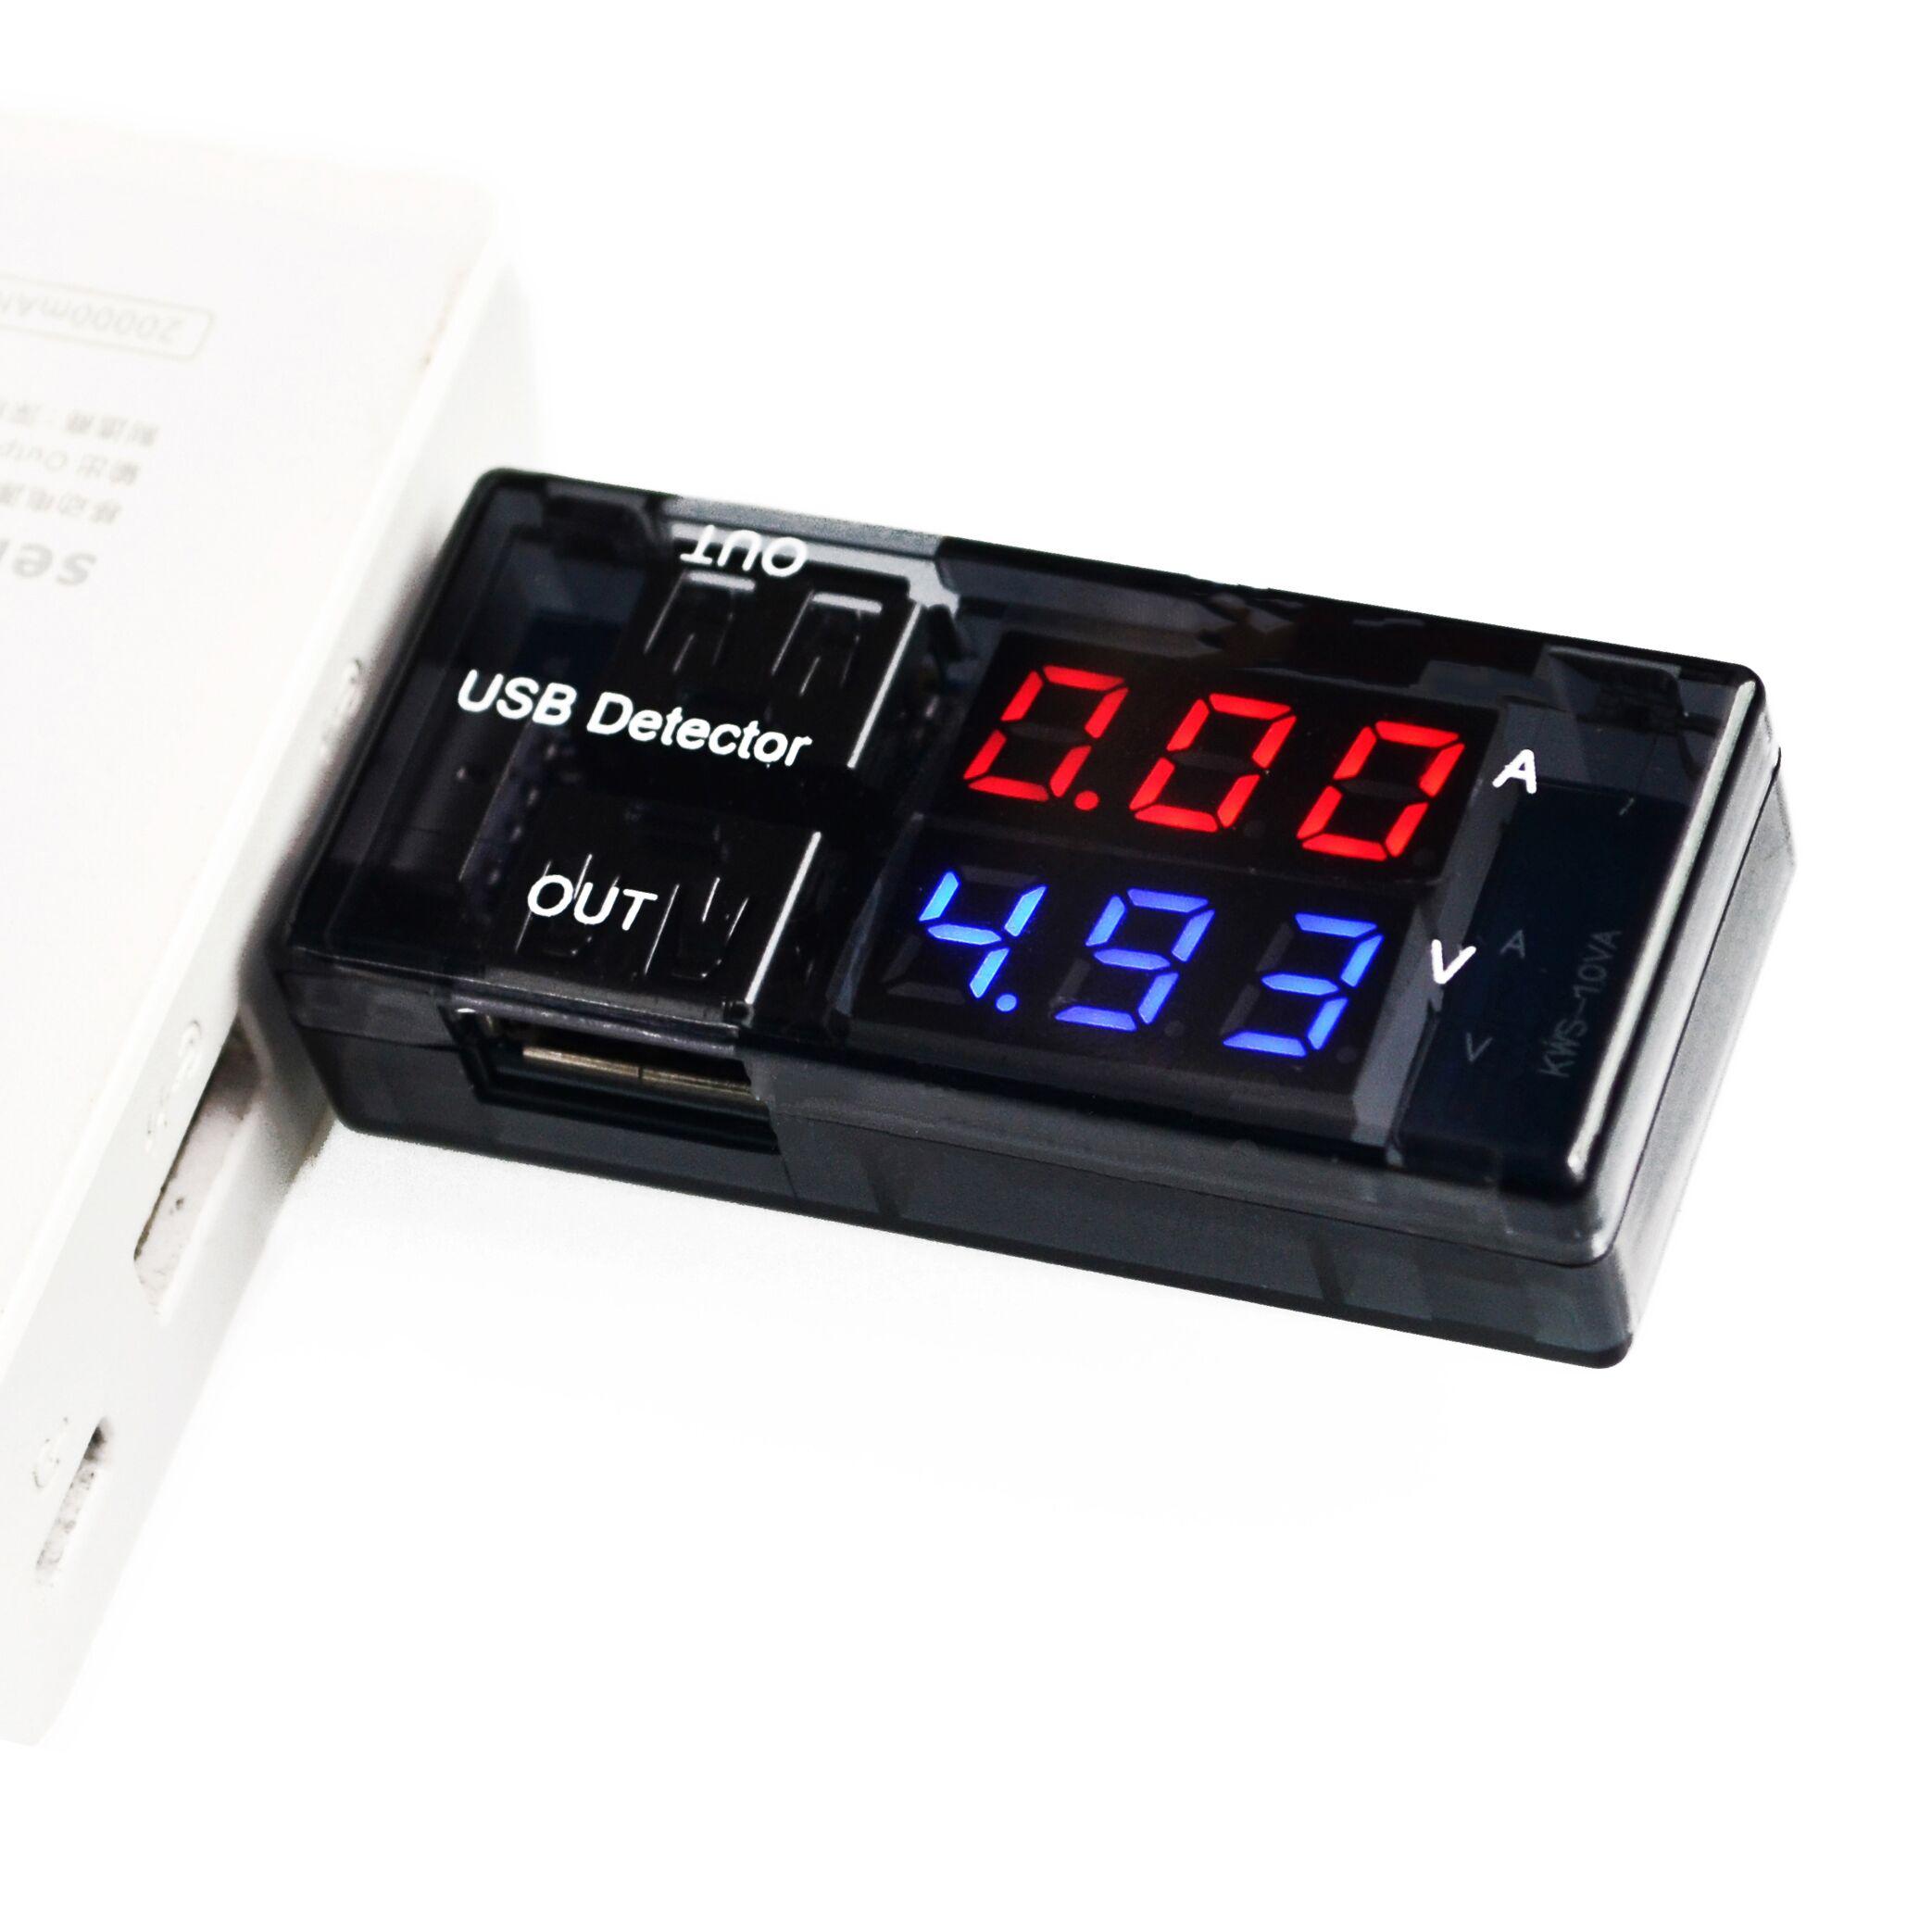 USB měřič proudu a napětí Keweisi KWS-10VA, černý